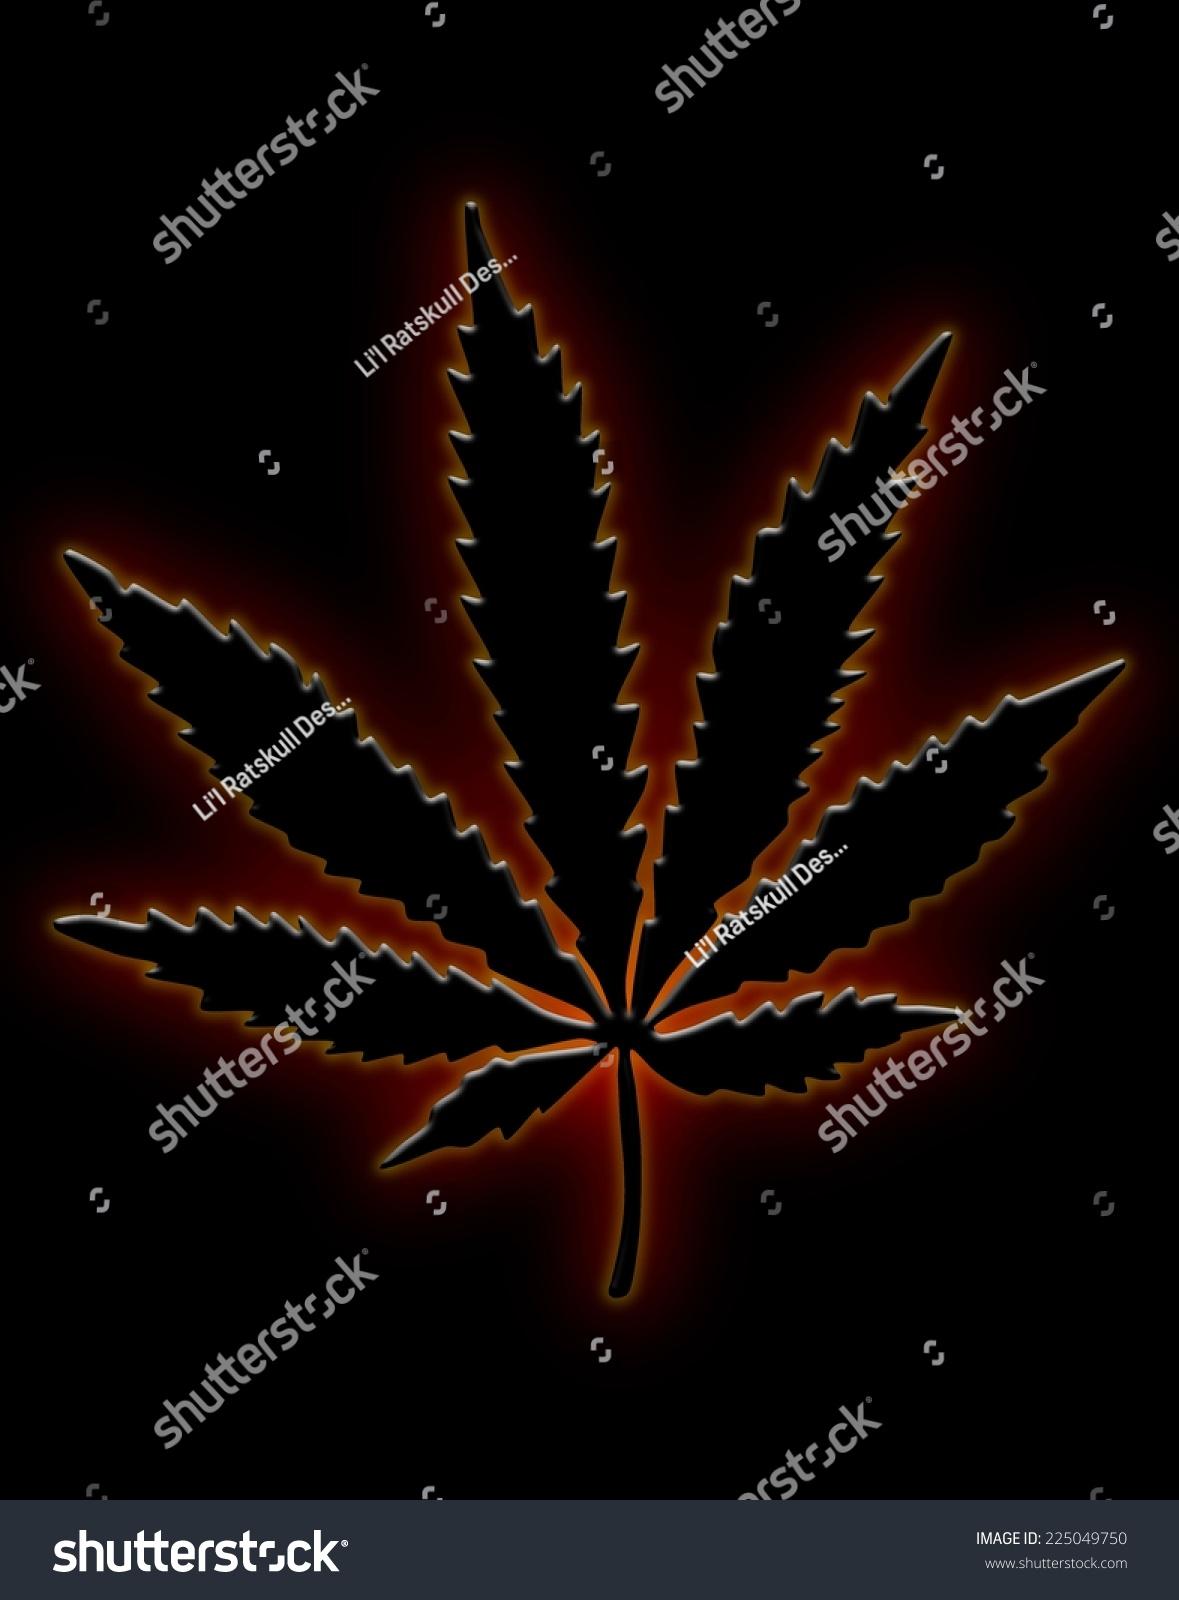 Neon Marijuana Leaf Stock Illustration 225049750